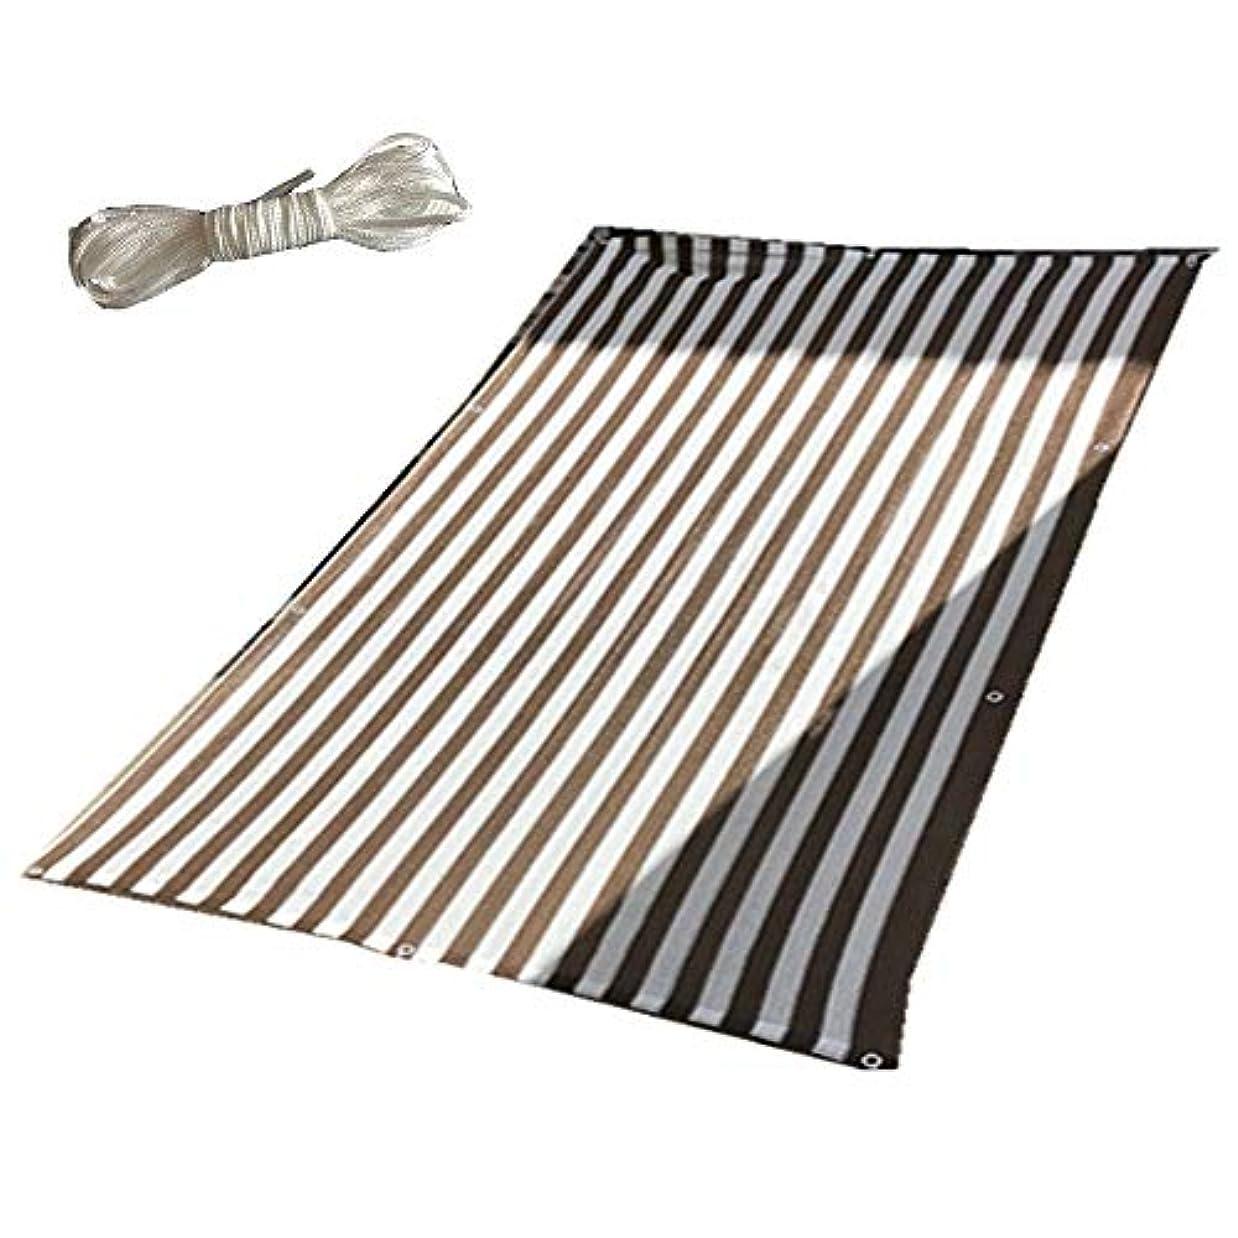 一掃する作曲家嫌がらせFEIFEI 80%の陰??の網、自由なロープが付いている庭の花植物のための日曜日の網の陰の日焼け止めの陰の布 (色 : Brown+white stripes, サイズ さいず : 5×5m)